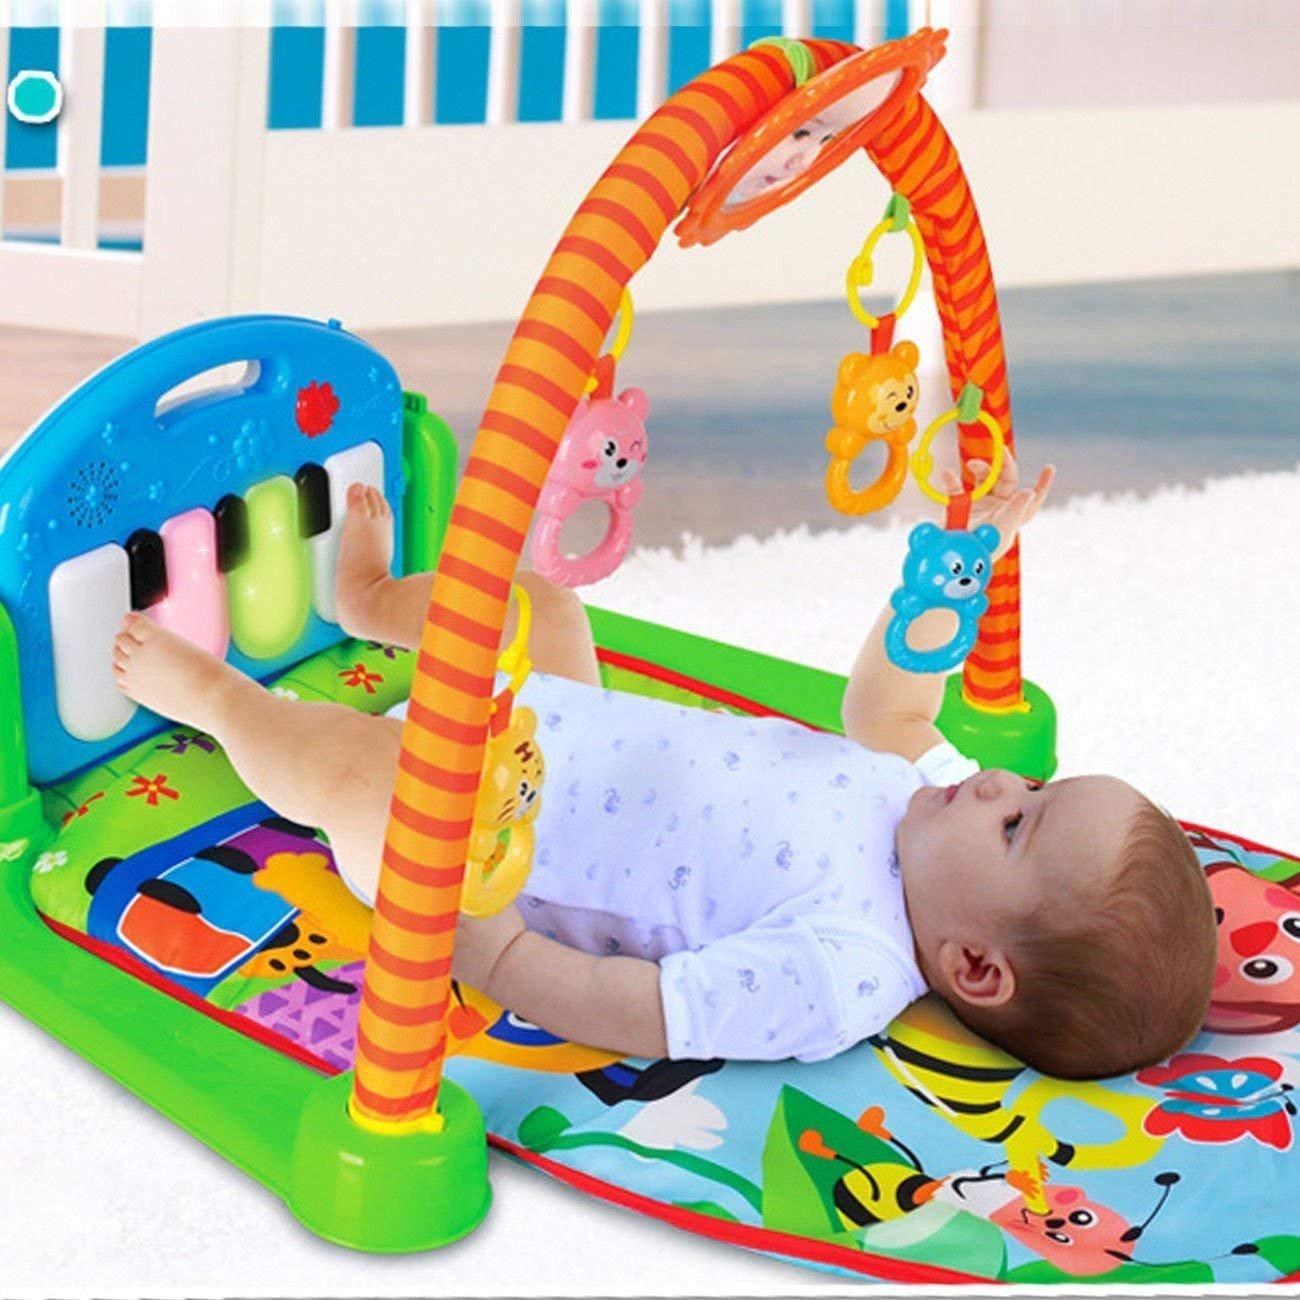 XuanYue 3 en 1 Alfombras de Juego y Gimnasios Kick Play Piano Gym para niños bebé